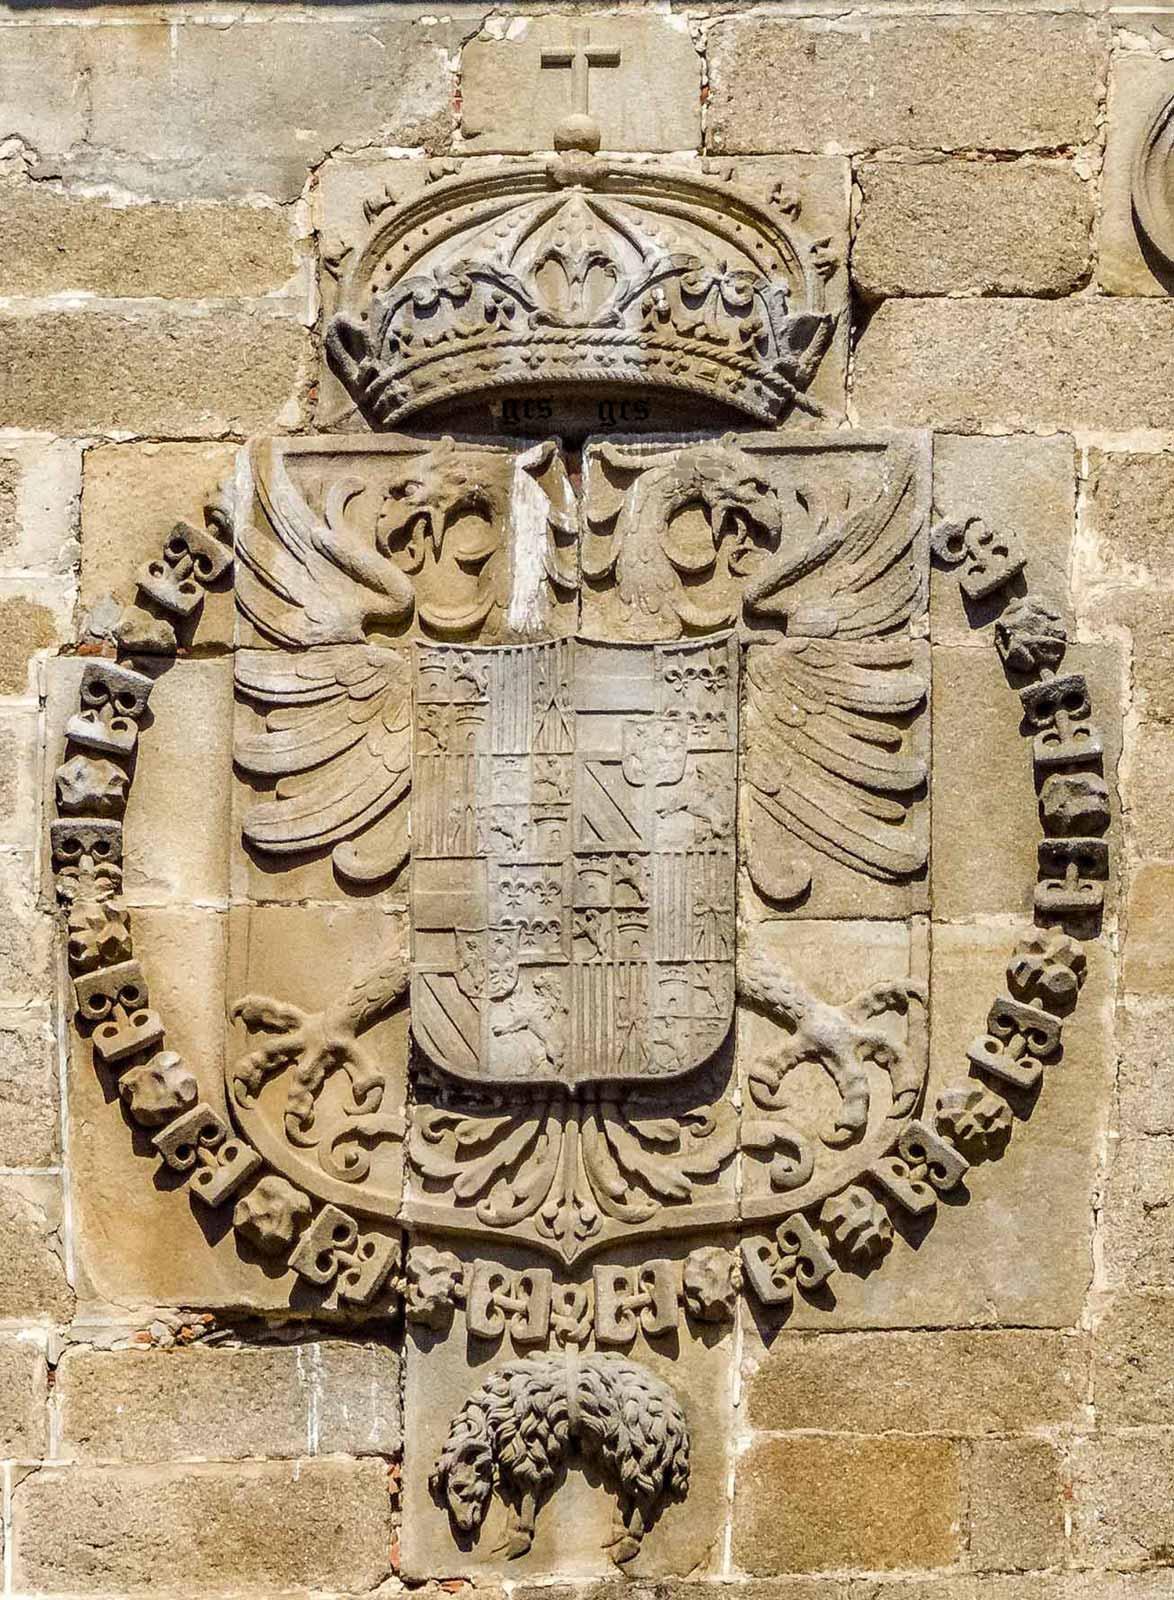 Armas del Emperador Carlos V situado en la fachada del enlosado